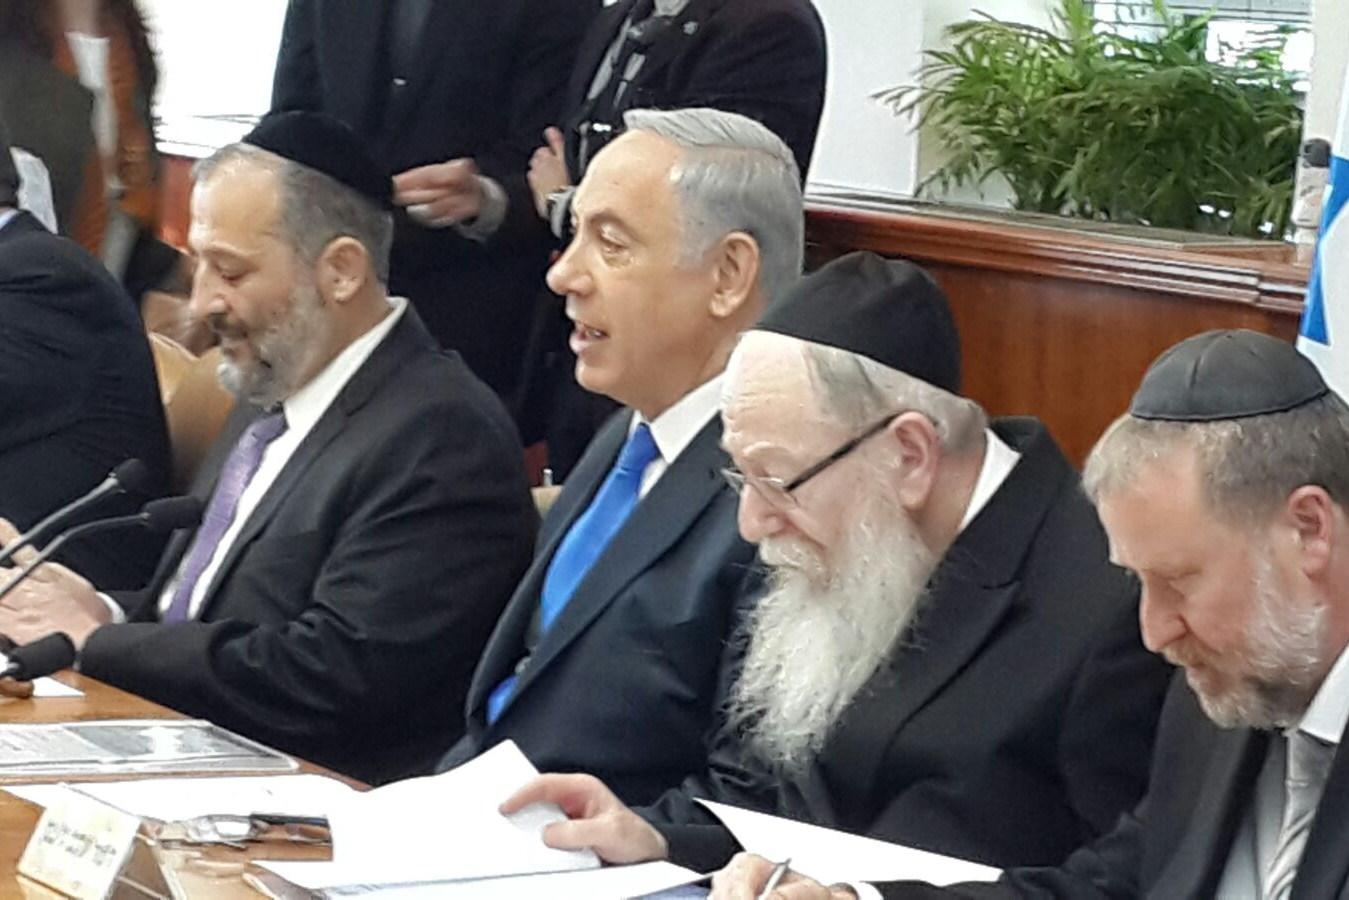 """נתניהו: """"נעשה הכל למצות את הדין עם שורפי בית הכנסת"""""""